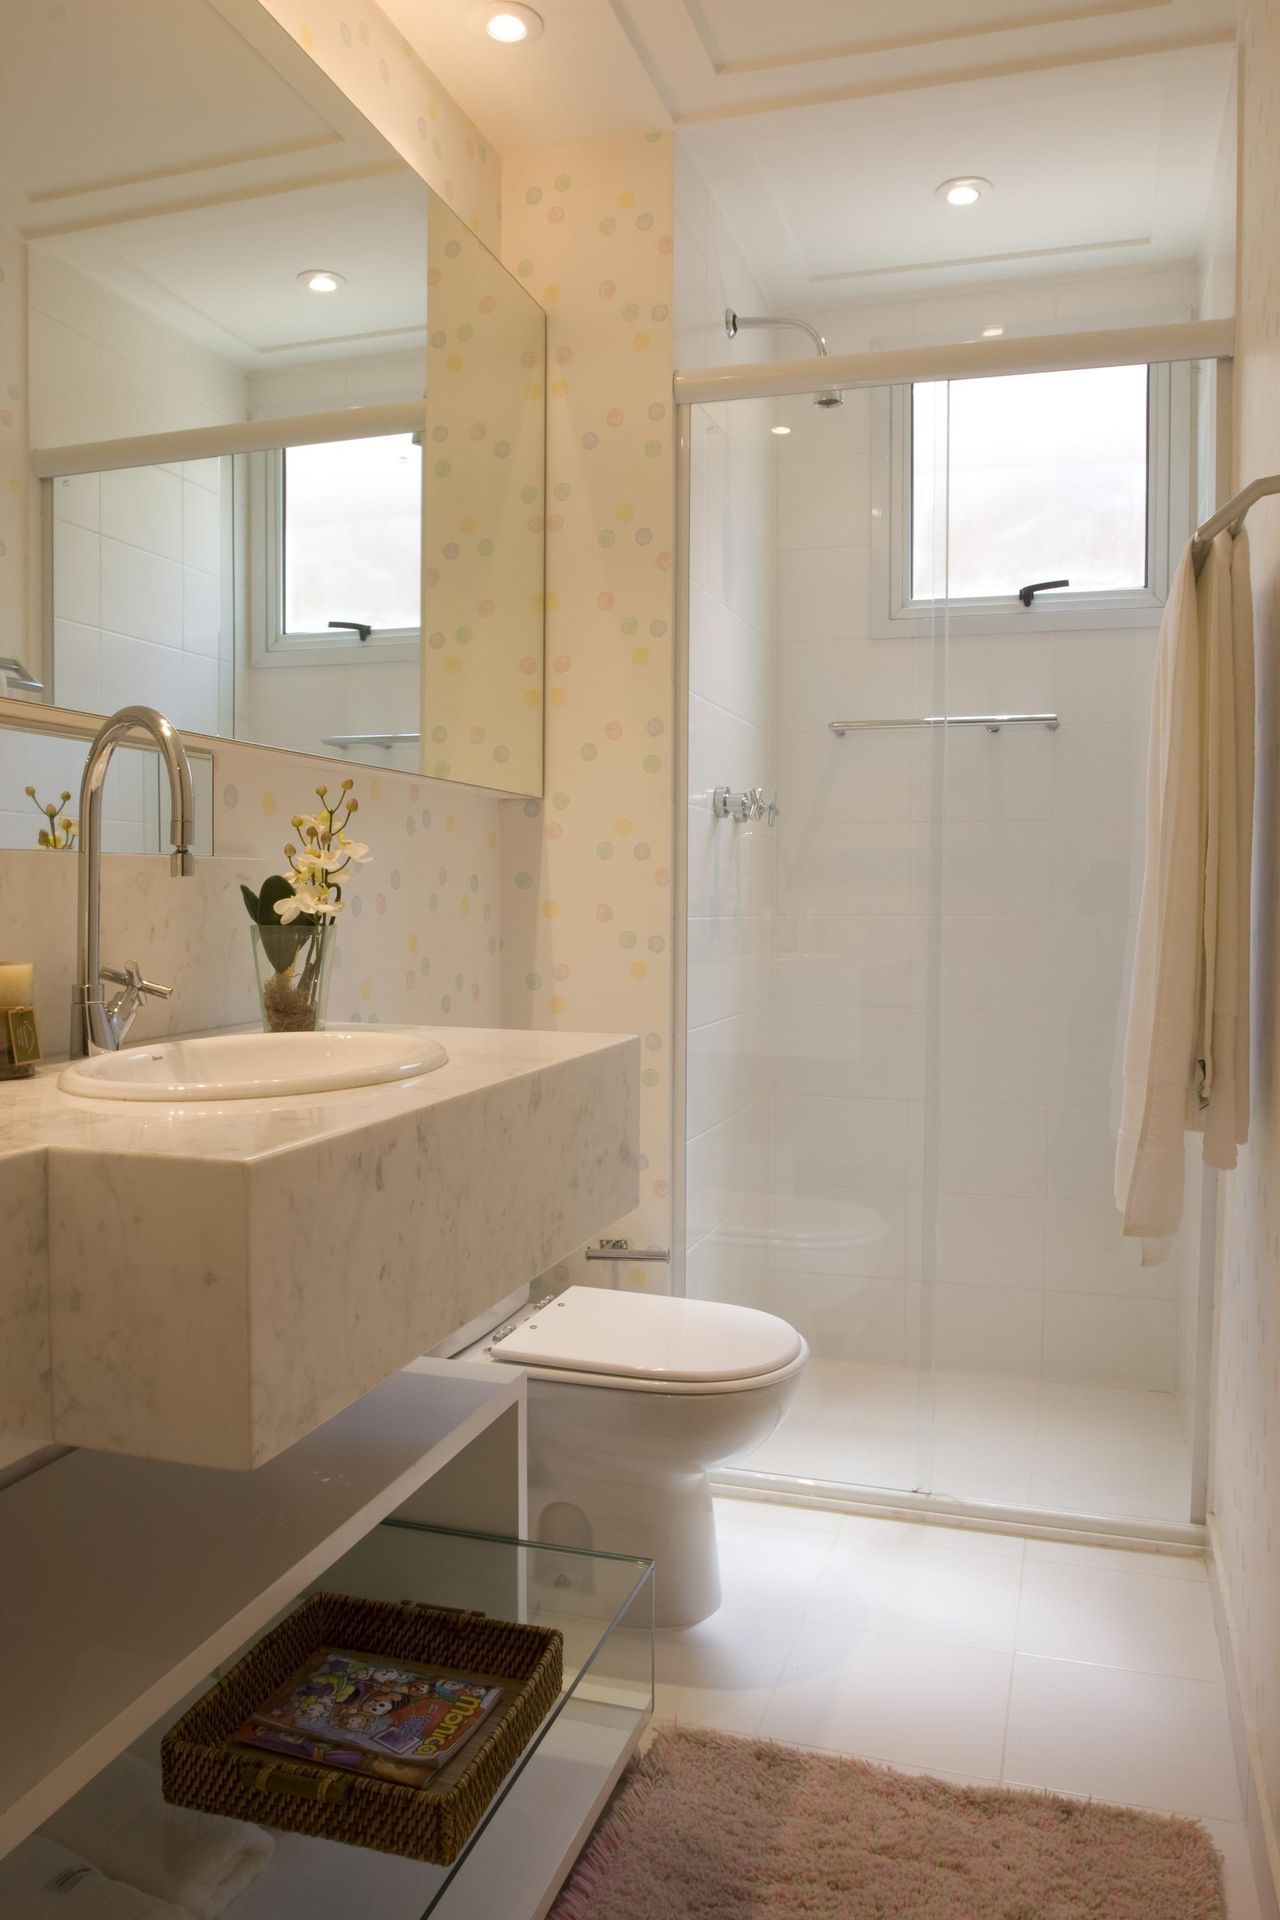 #474711 Banheiro Pequeno Simples E Bonito. Banheiro Pequeno Simples E Bonito. Banheiro Pequeno Banheiros  1280x1920 px Banheiros Simples Pequenos E Bonitos 3814